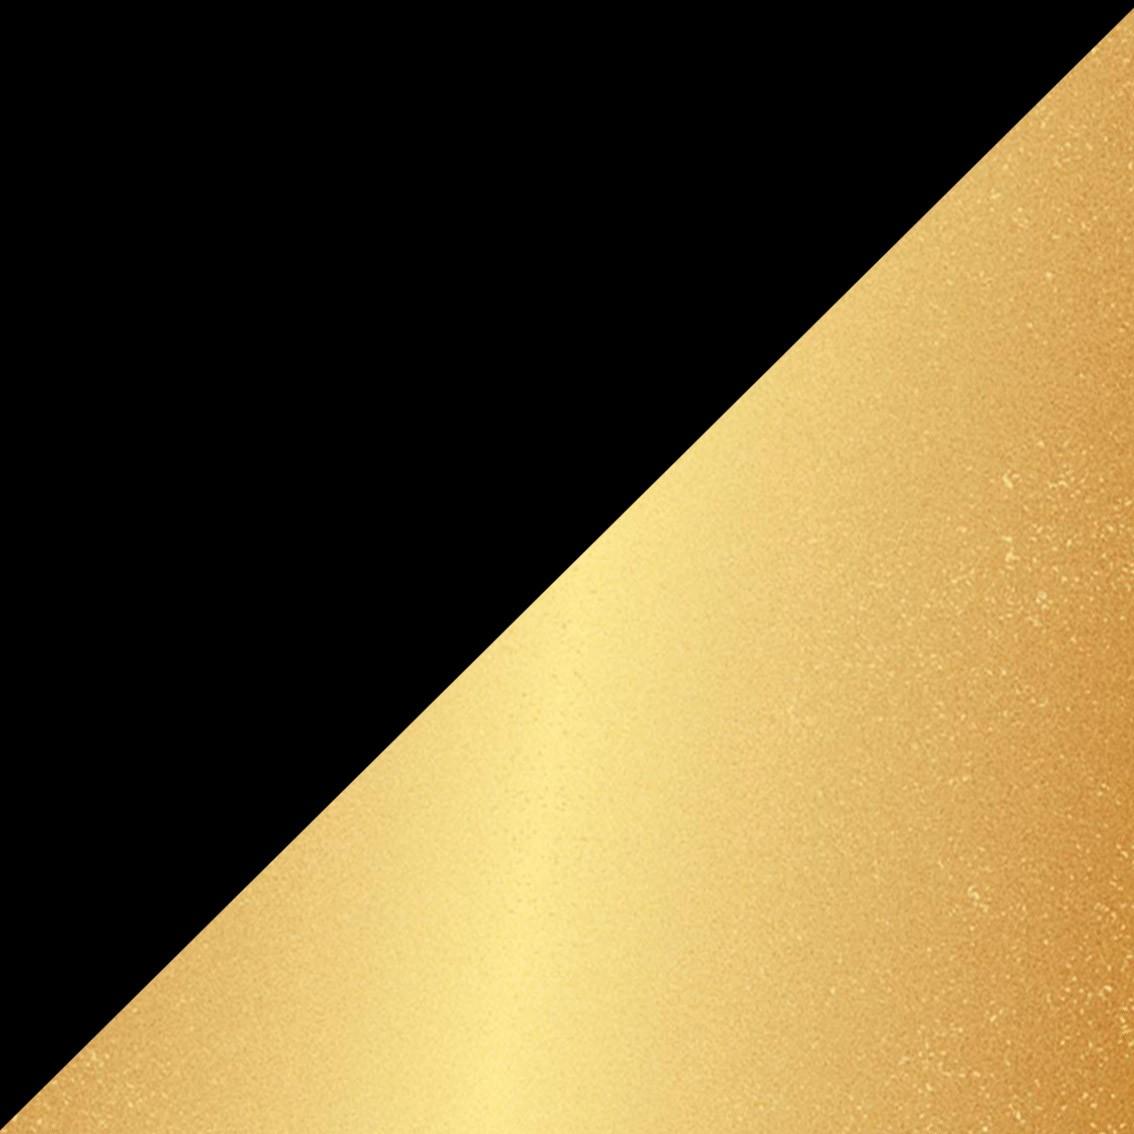 Gold/Balck